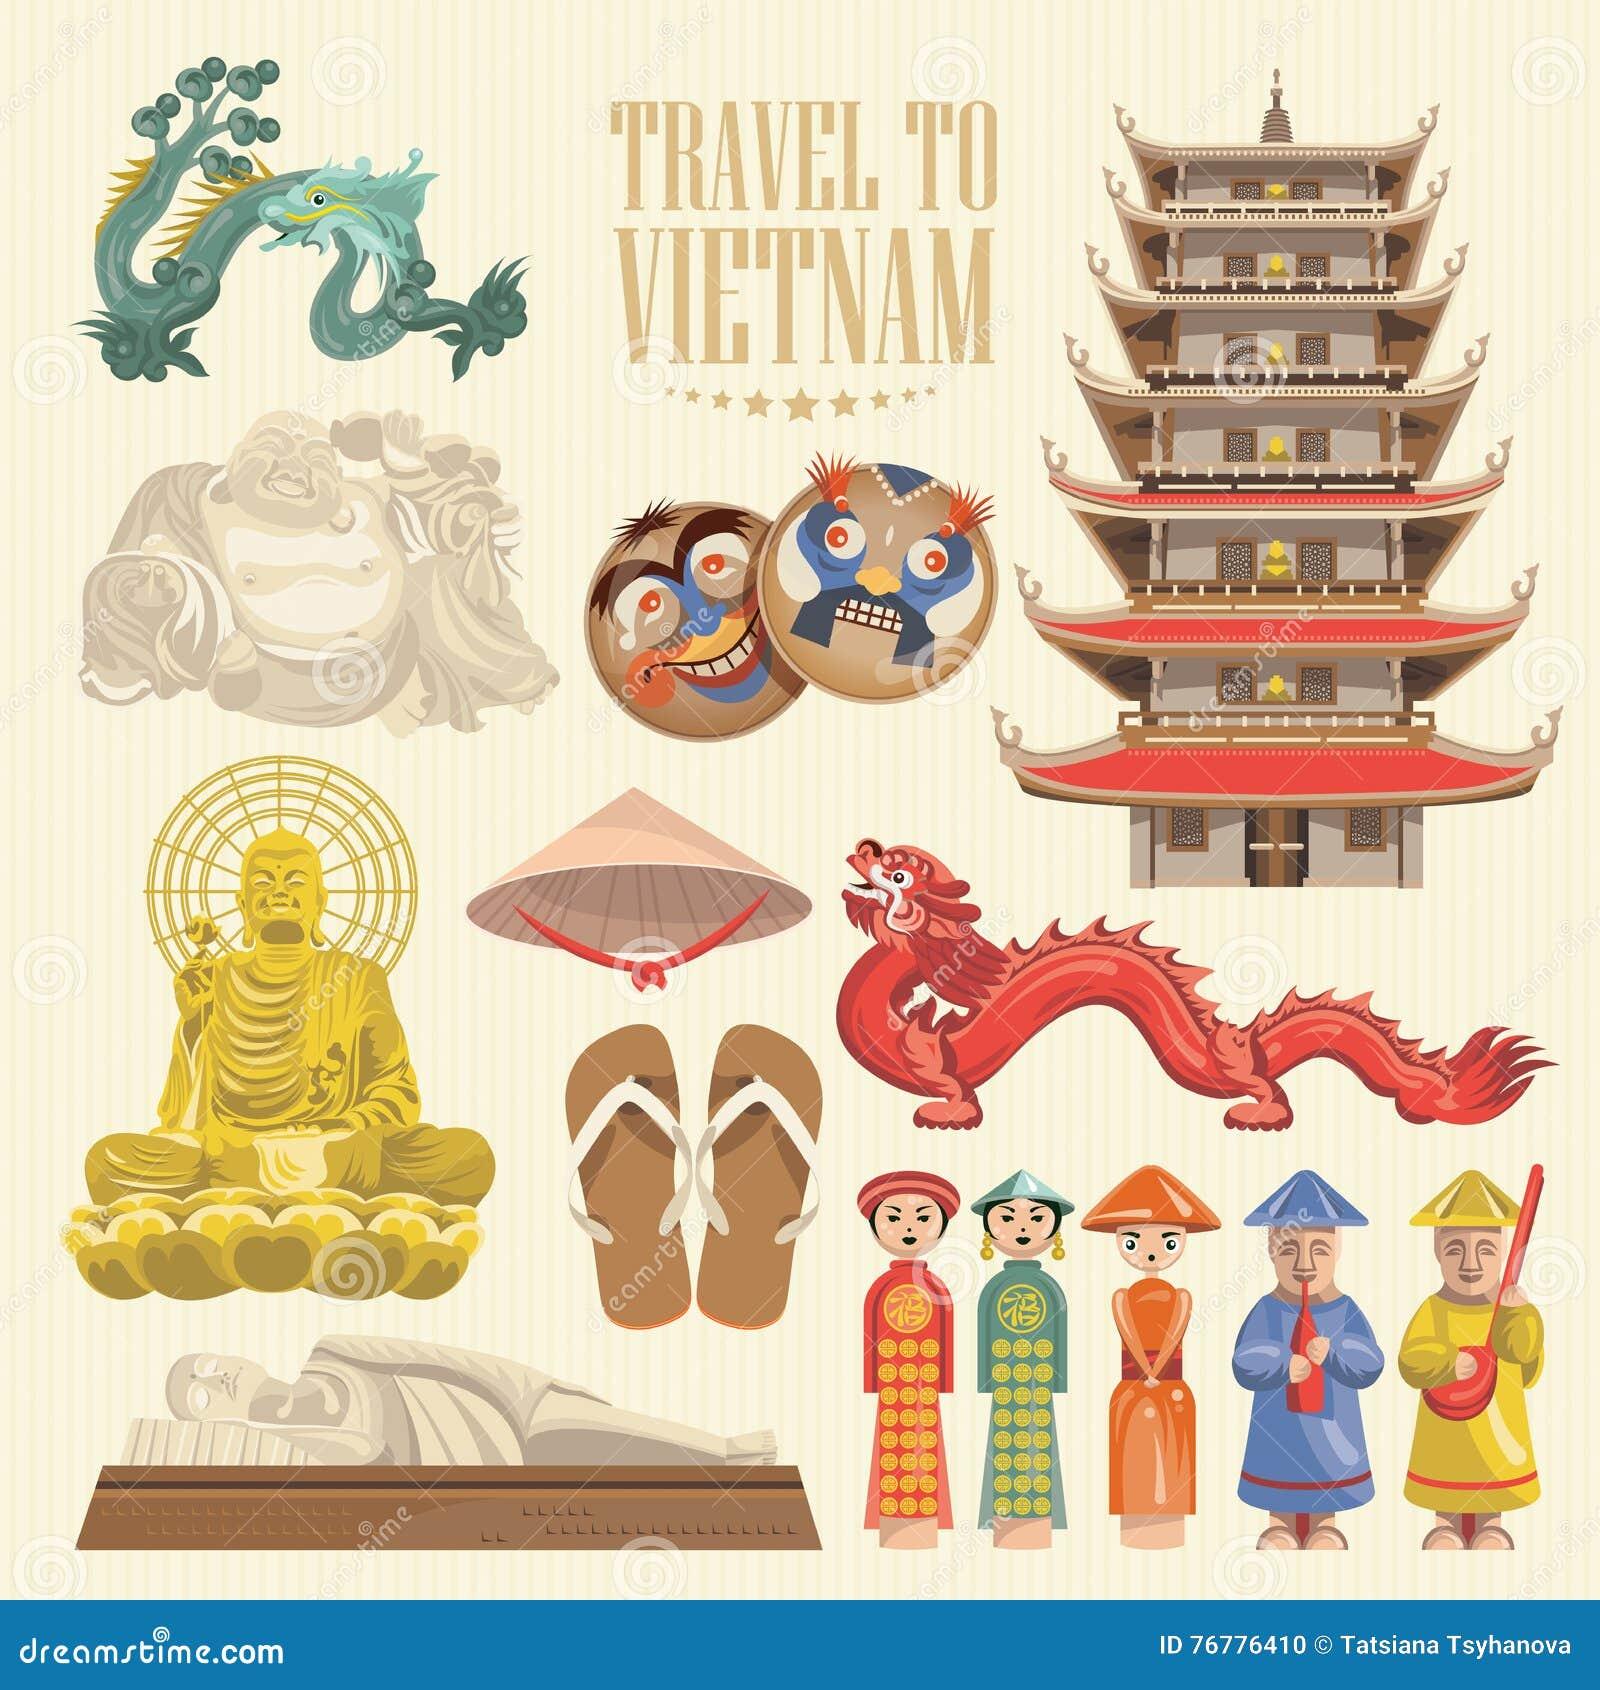 Vietnamkrieg Karte.Vietnam Karte Mit Vietnamesischen Traditionellen Gegenständen Vektor